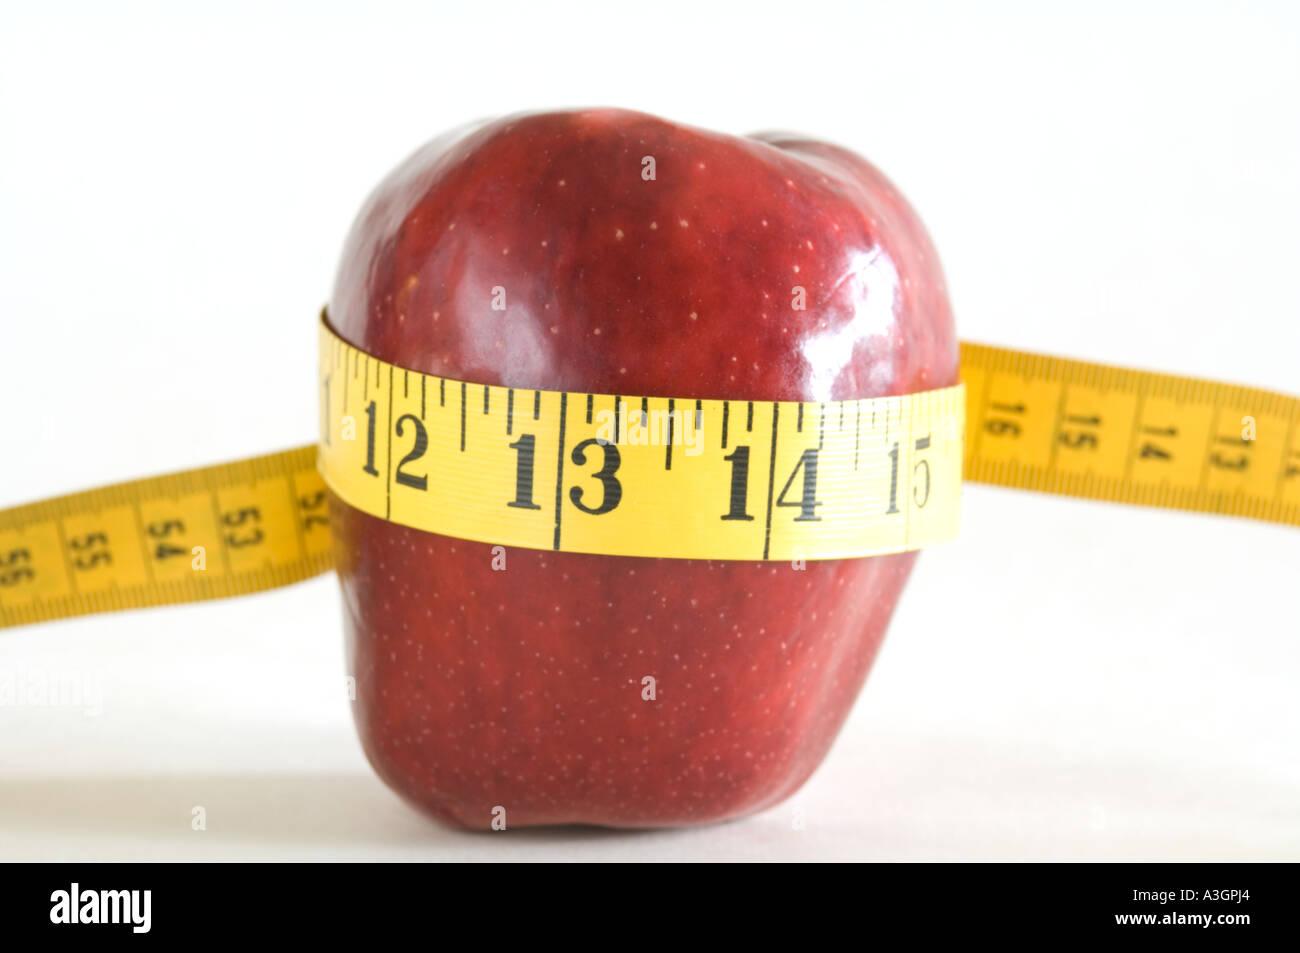 Vista il concetto di mela rossa sul nastro di misurazione Immagini Stock